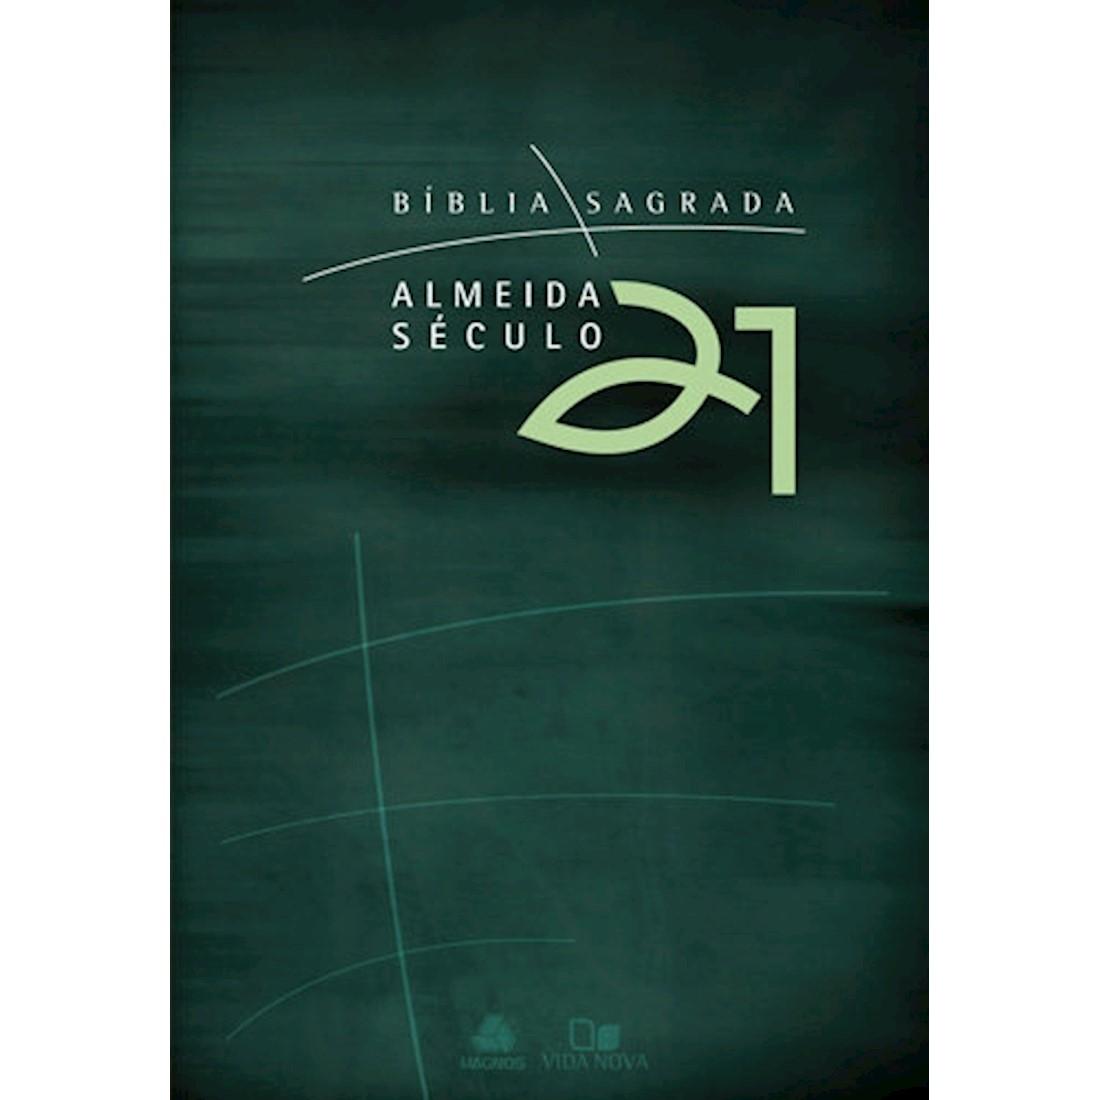 Bíblia Almeida Século 21 Brochura - Verde - com sobrecapa